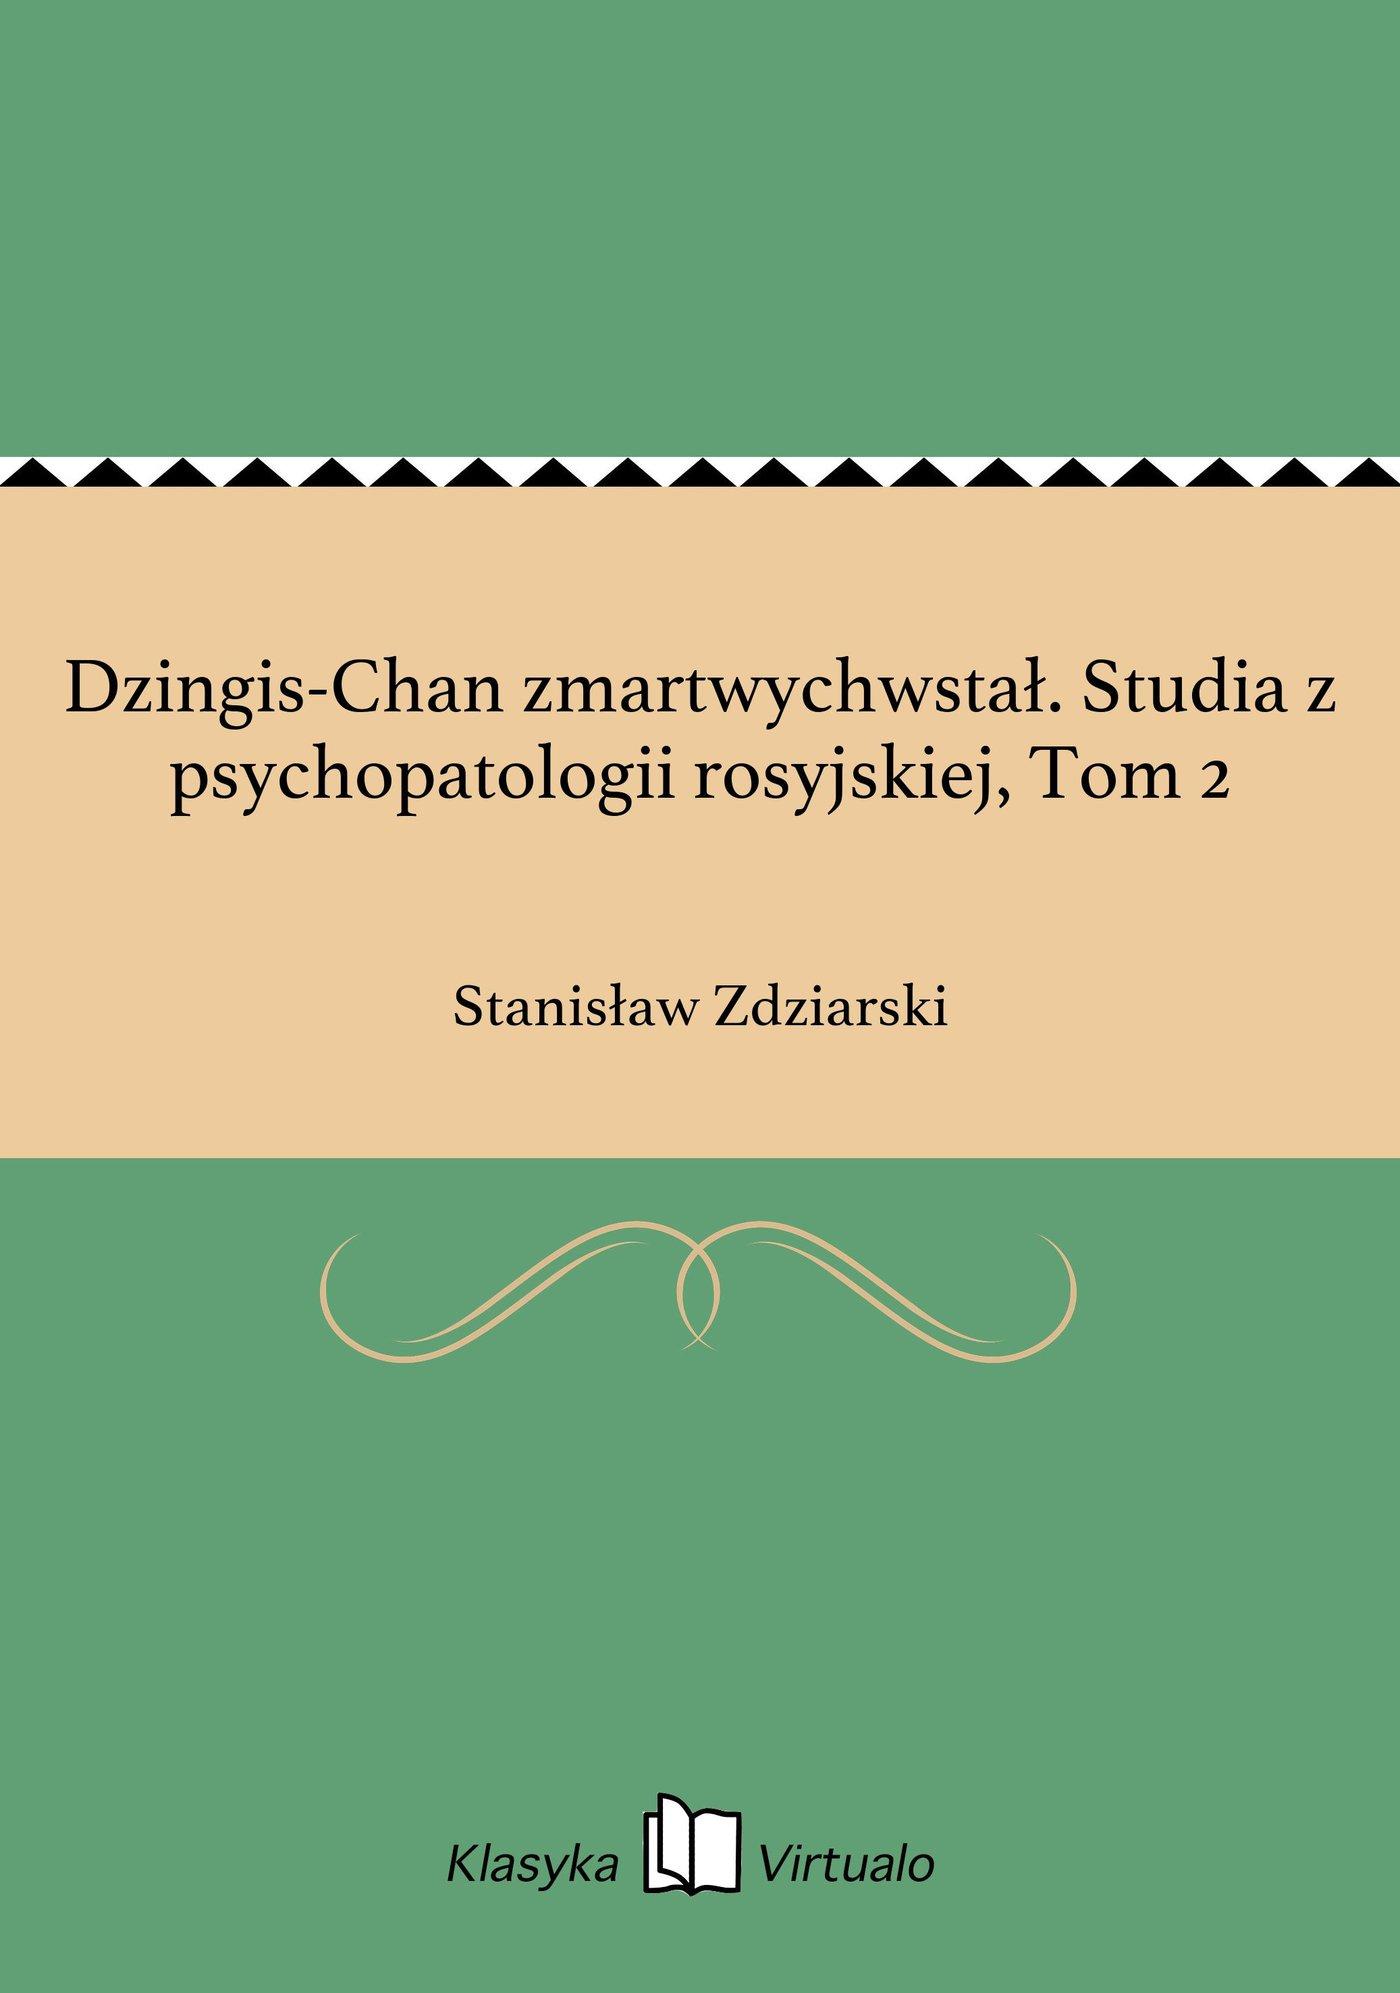 Dzingis-Chan zmartwychwstał. Studia z psychopatologii rosyjskiej, Tom 2 - Ebook (Książka na Kindle) do pobrania w formacie MOBI